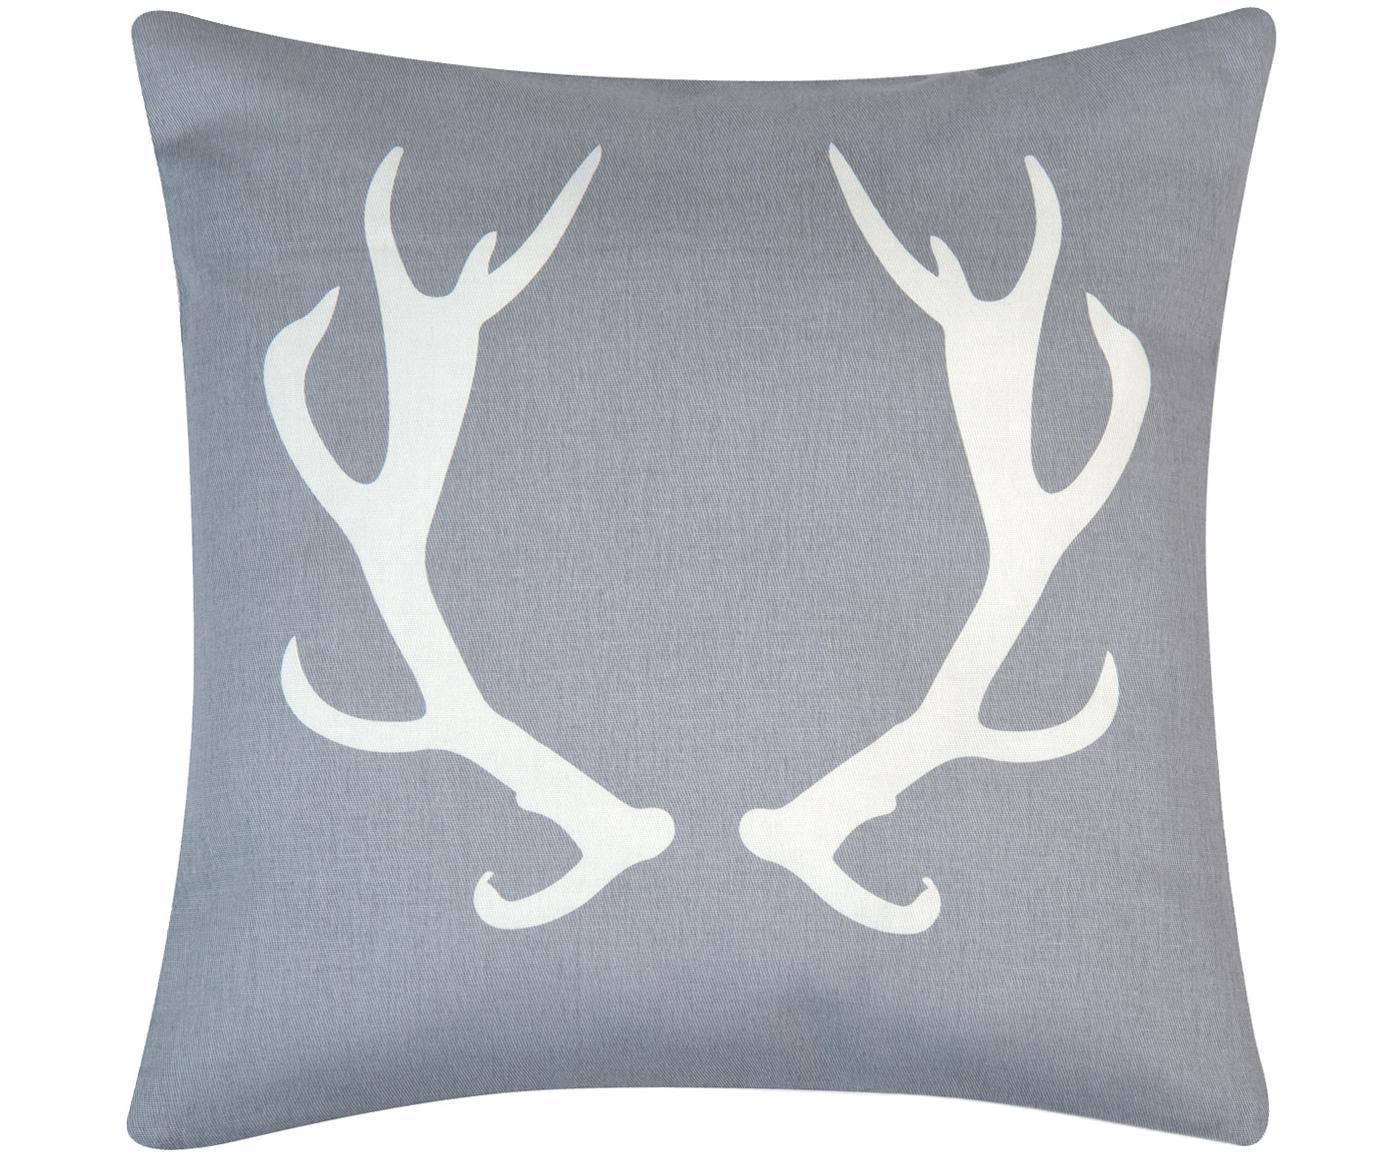 Kussenhoes Horns, 100% katoen, panamabinding, Grijs, ecru, 40 x 40 cm